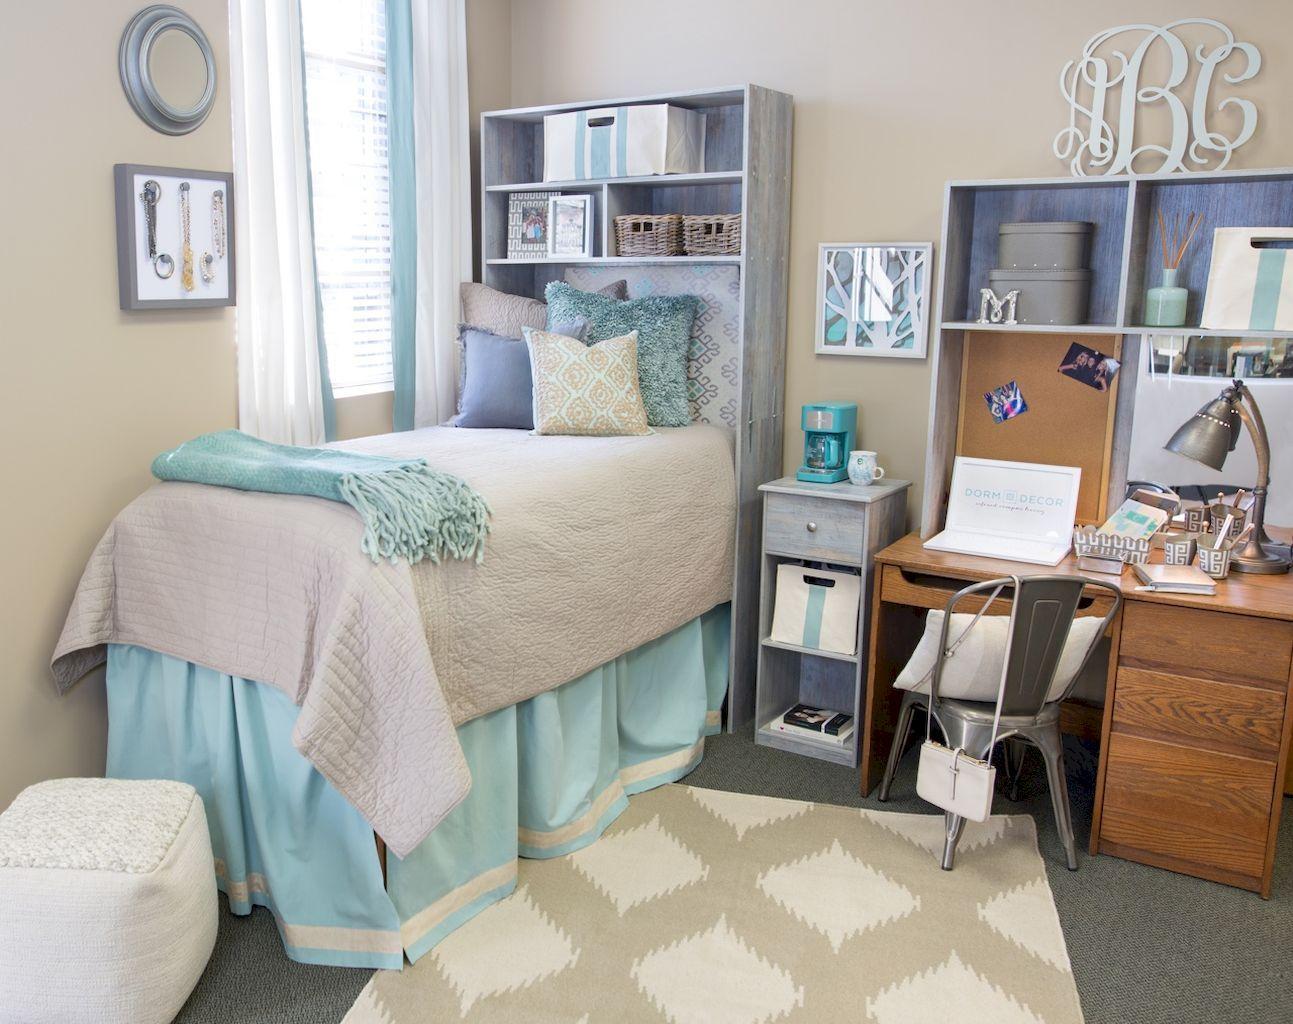 ... Tricks Dorm Room Organization Storage Ideas On A Budget  Https://decorapatio.com/2017/07/16/60 Tips Tricks Dorm Room Organization  Storage Ideas Budget/